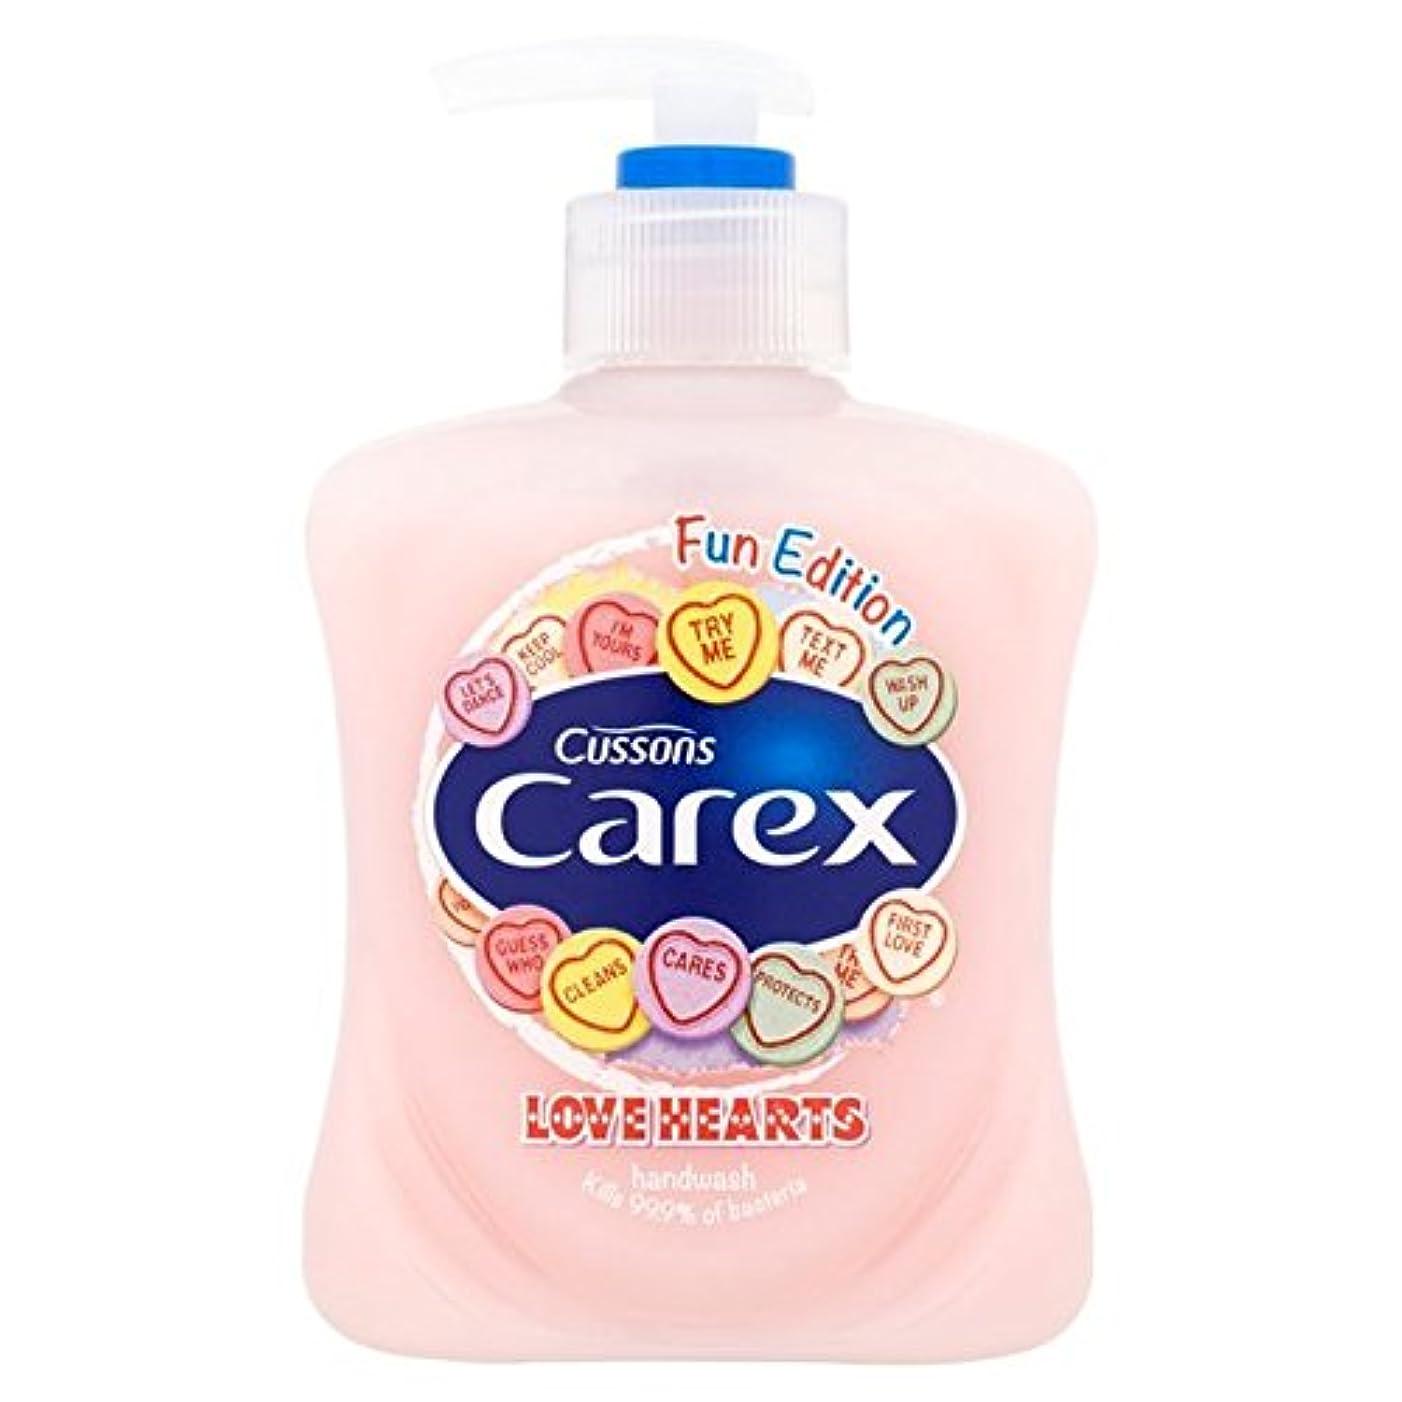 ジャベスウィルソン合併勇敢なスゲ楽しい版愛の心のハンドウォッシュ250ミリリットル x2 - Carex Fun Edition Love Hearts Hand Wash 250ml (Pack of 2) [並行輸入品]